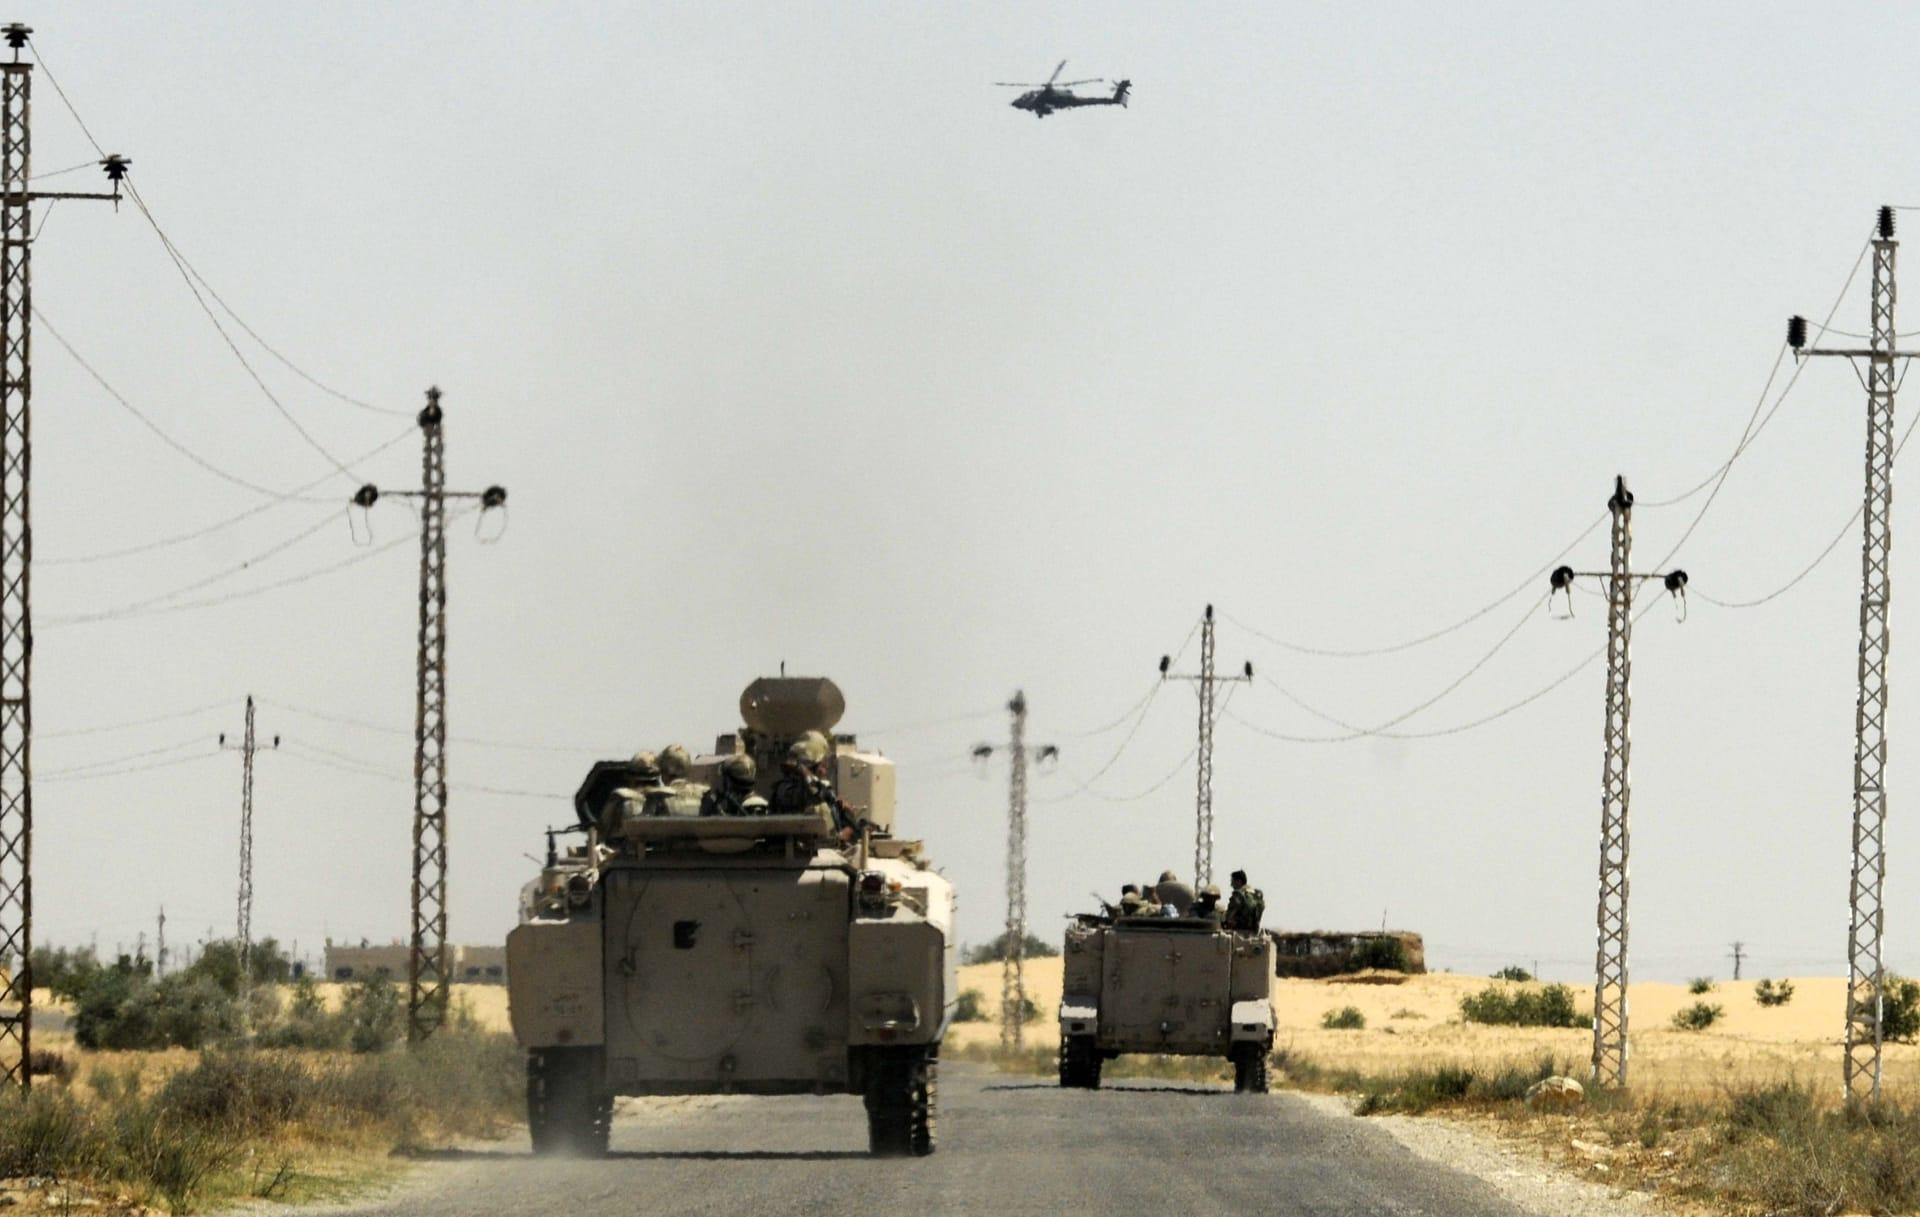 """مسؤول أمريكي: مهام جديدة قد توكل إلى القوات الأمريكية في سيناء لجمع معلومات استخباراتية عن """"داعش"""""""